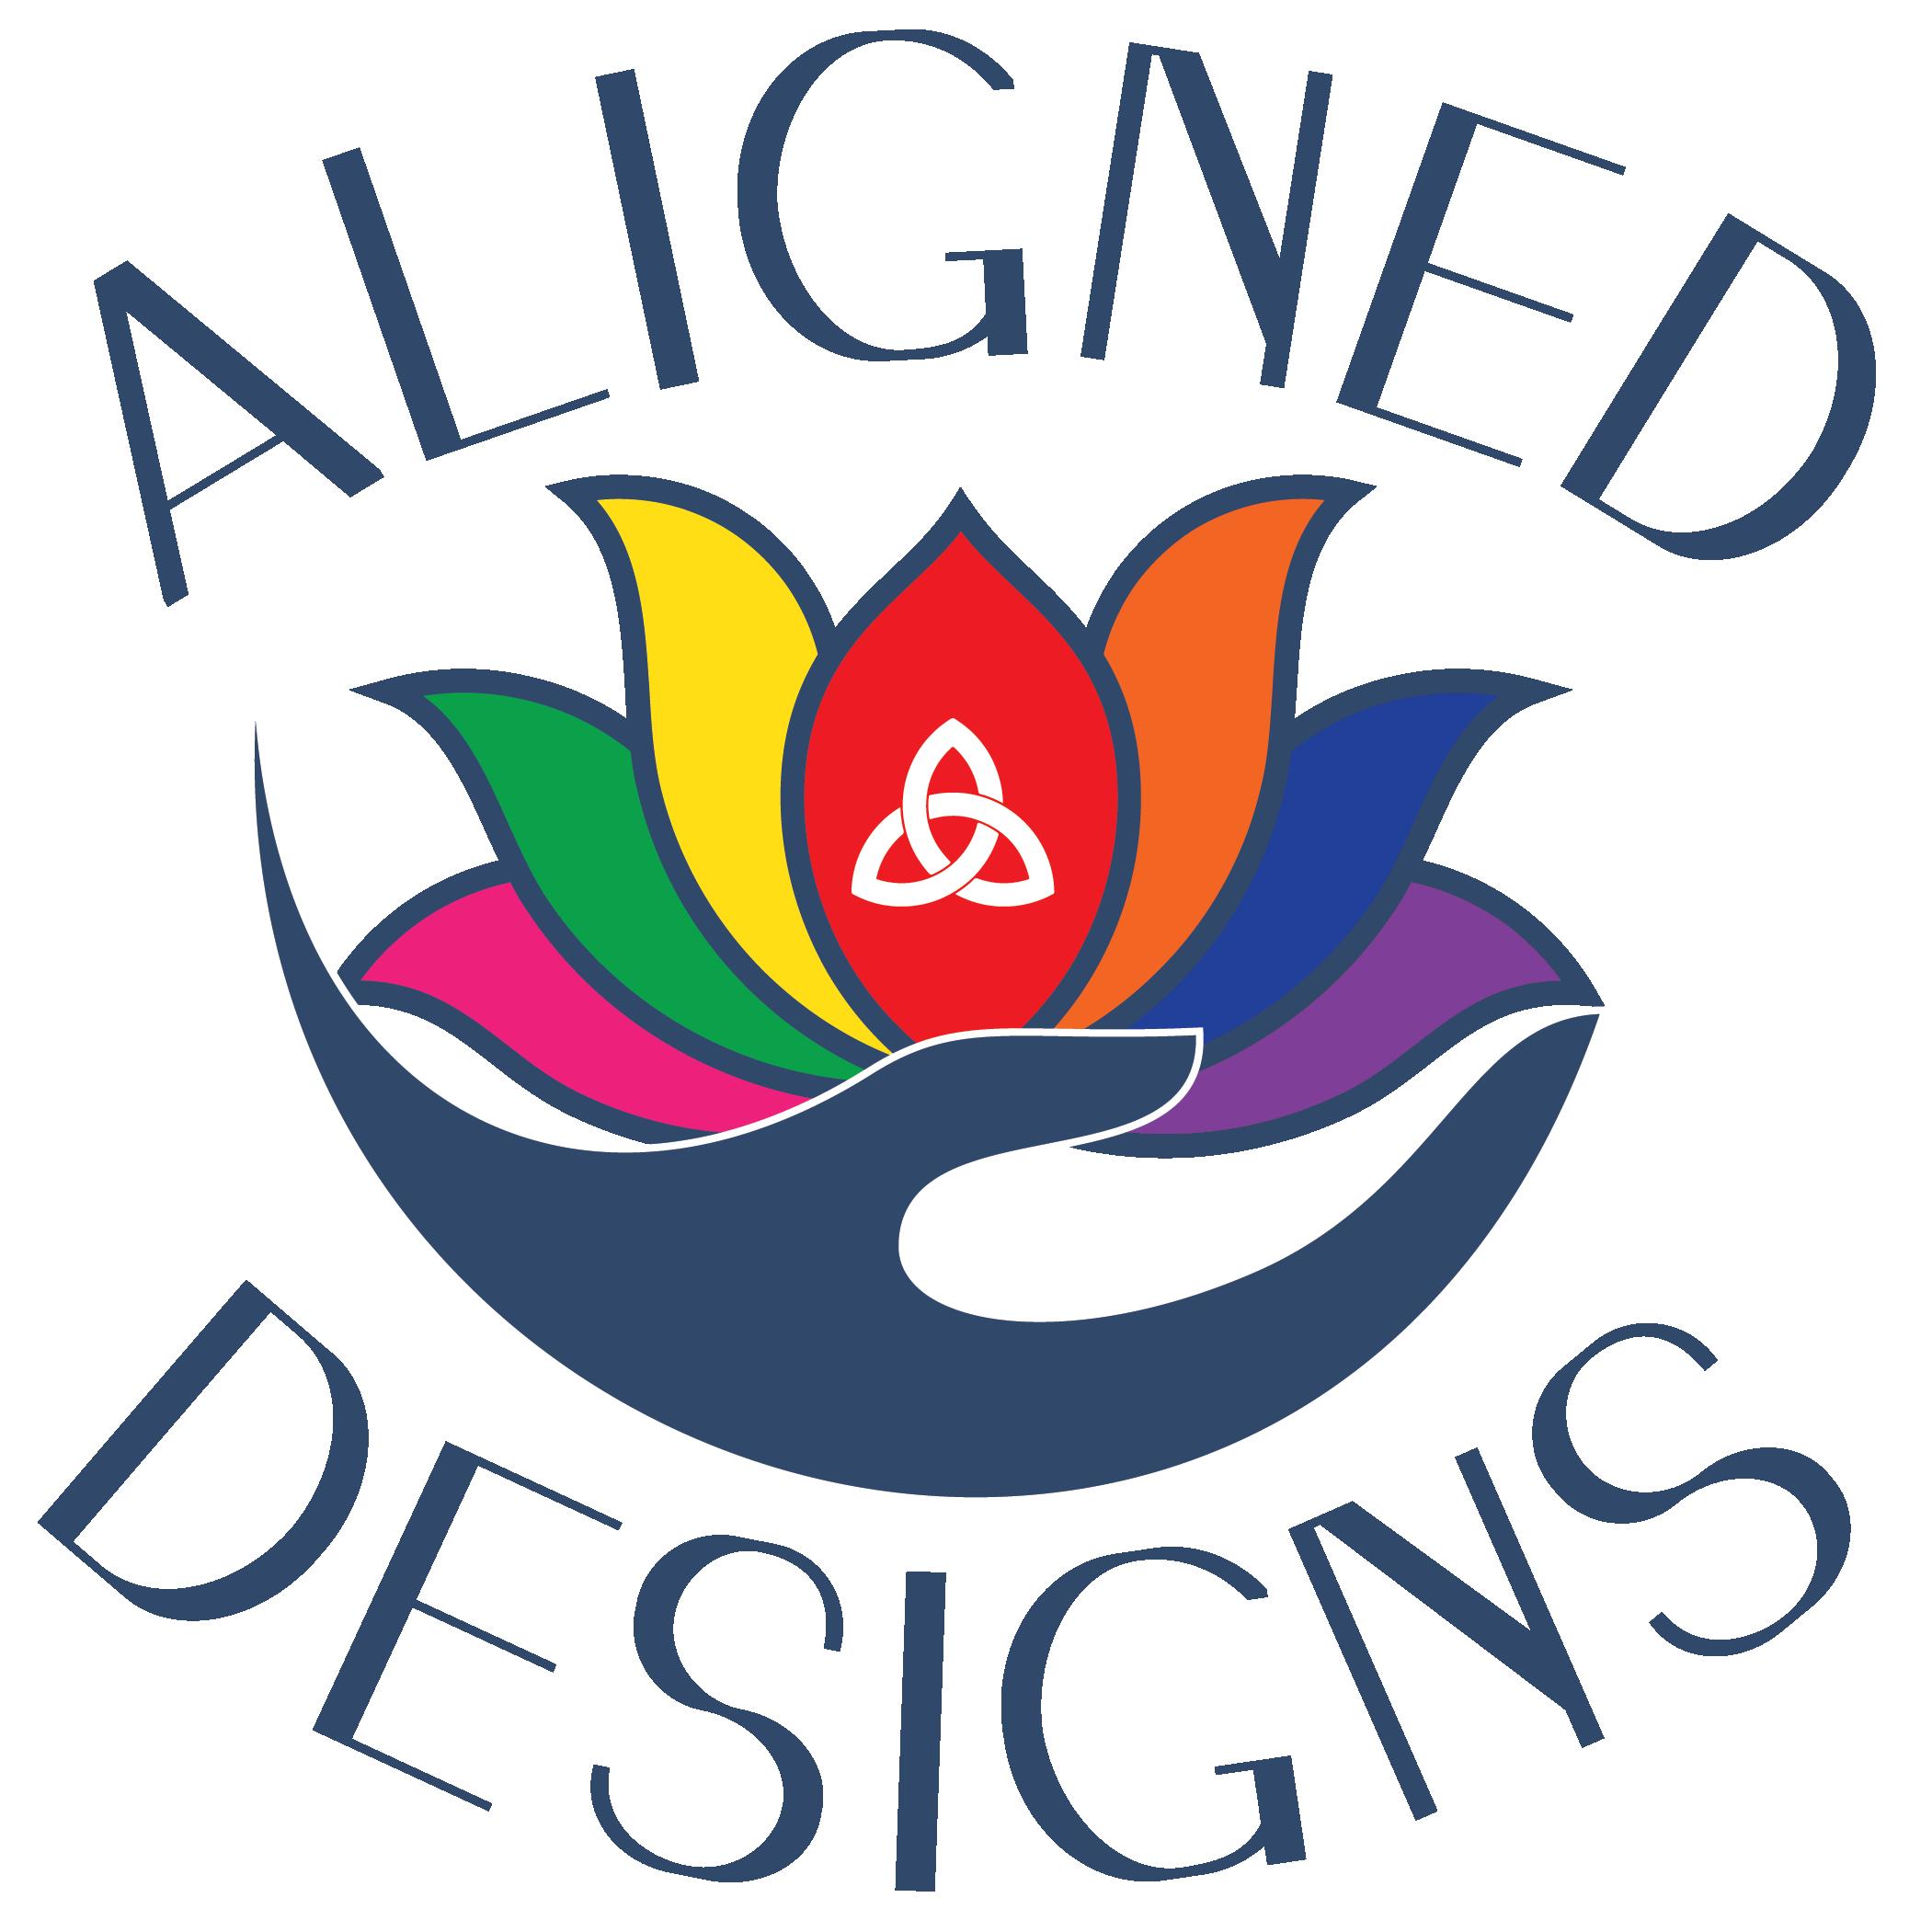 Aligned Designs